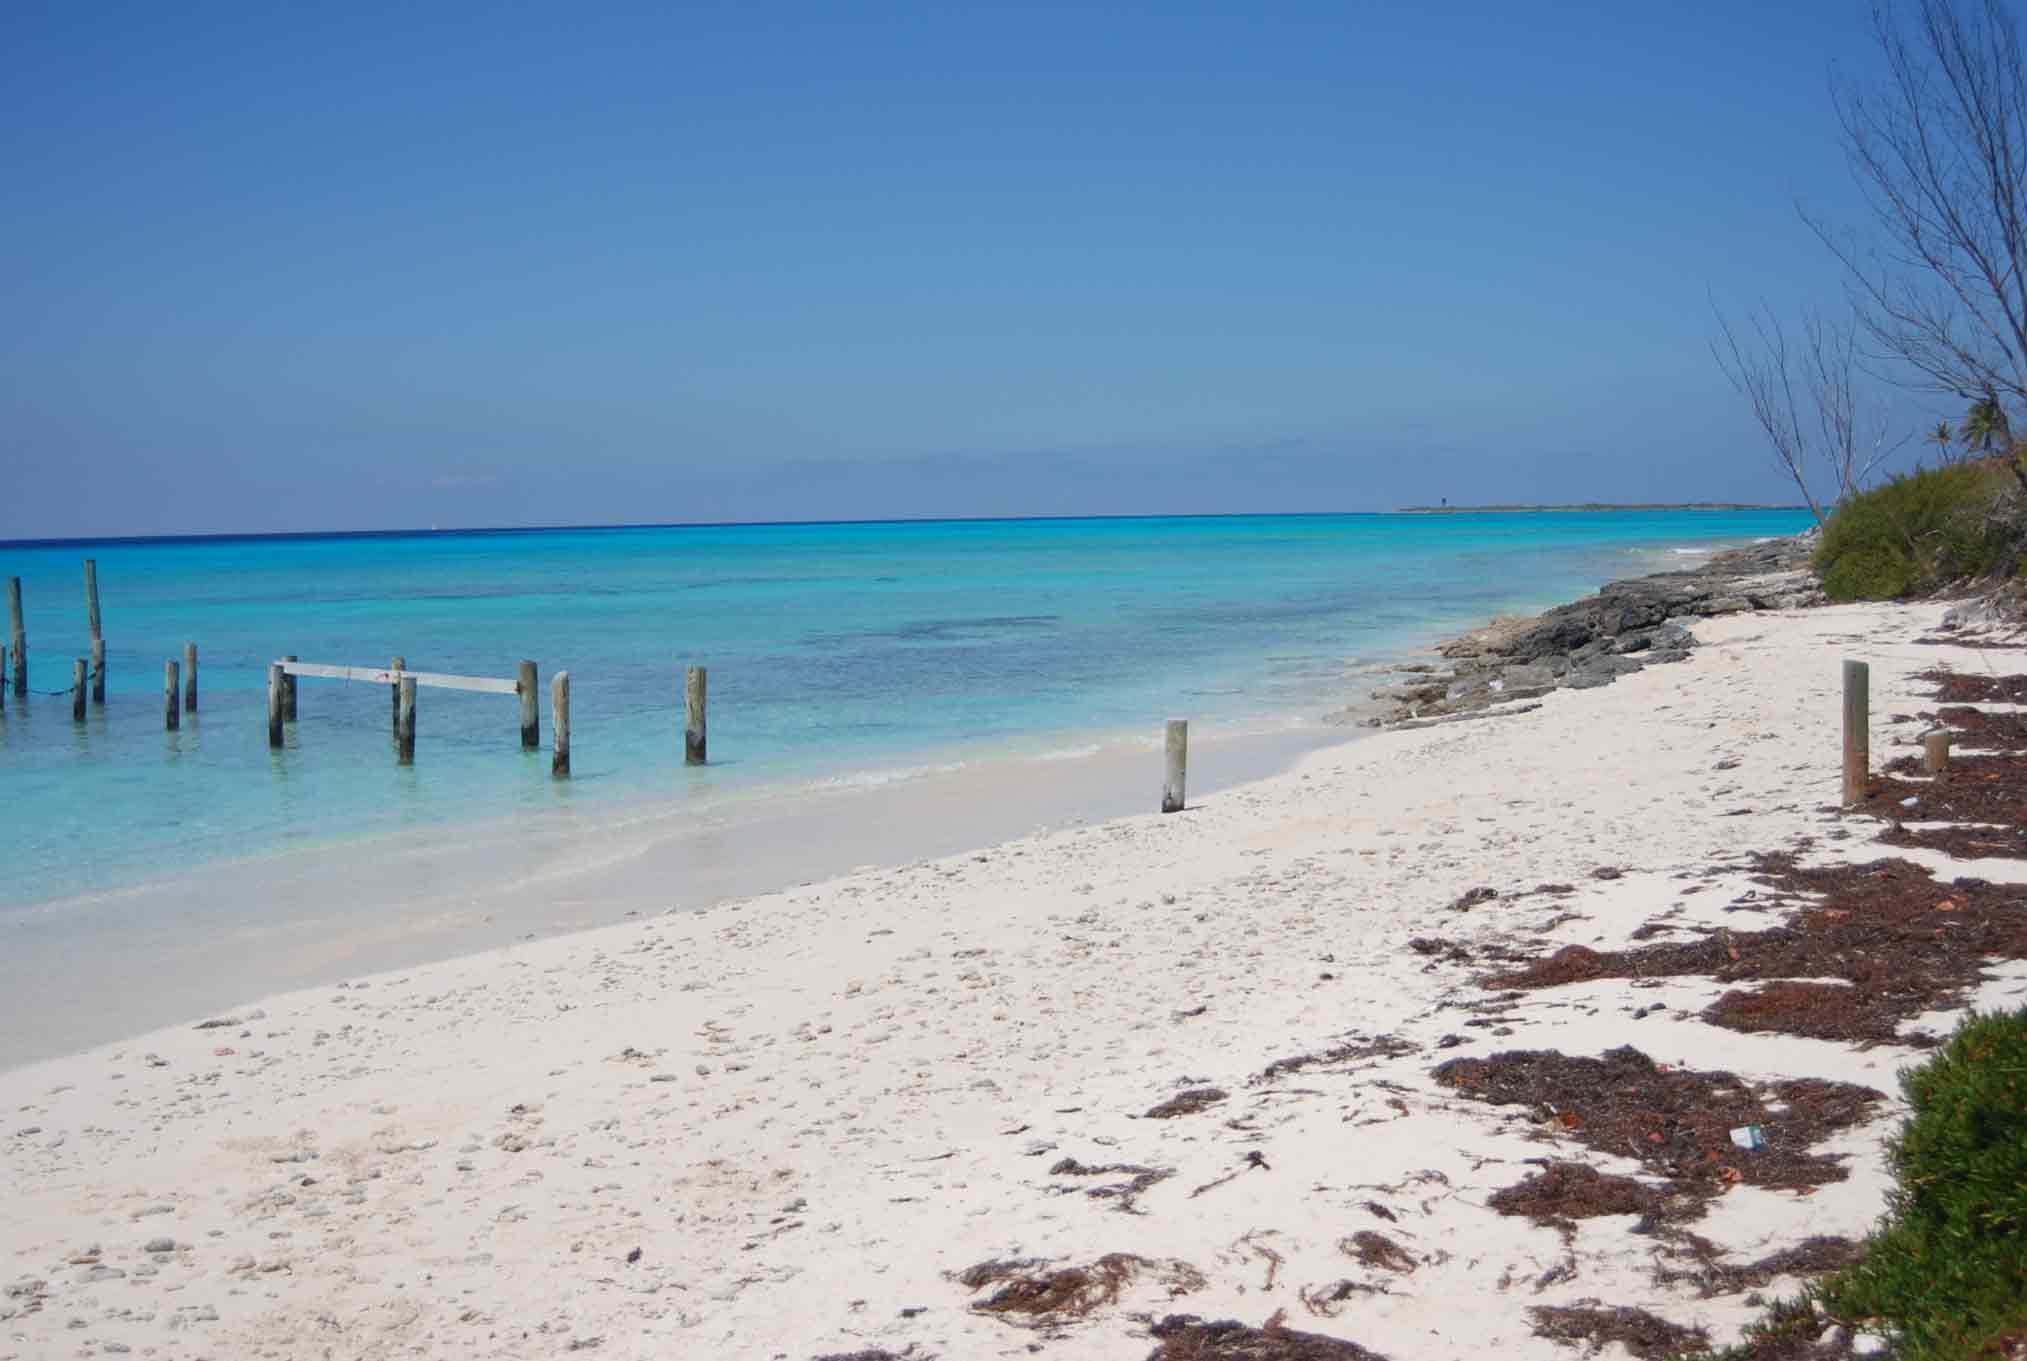 سواحل زیبای باهاماس